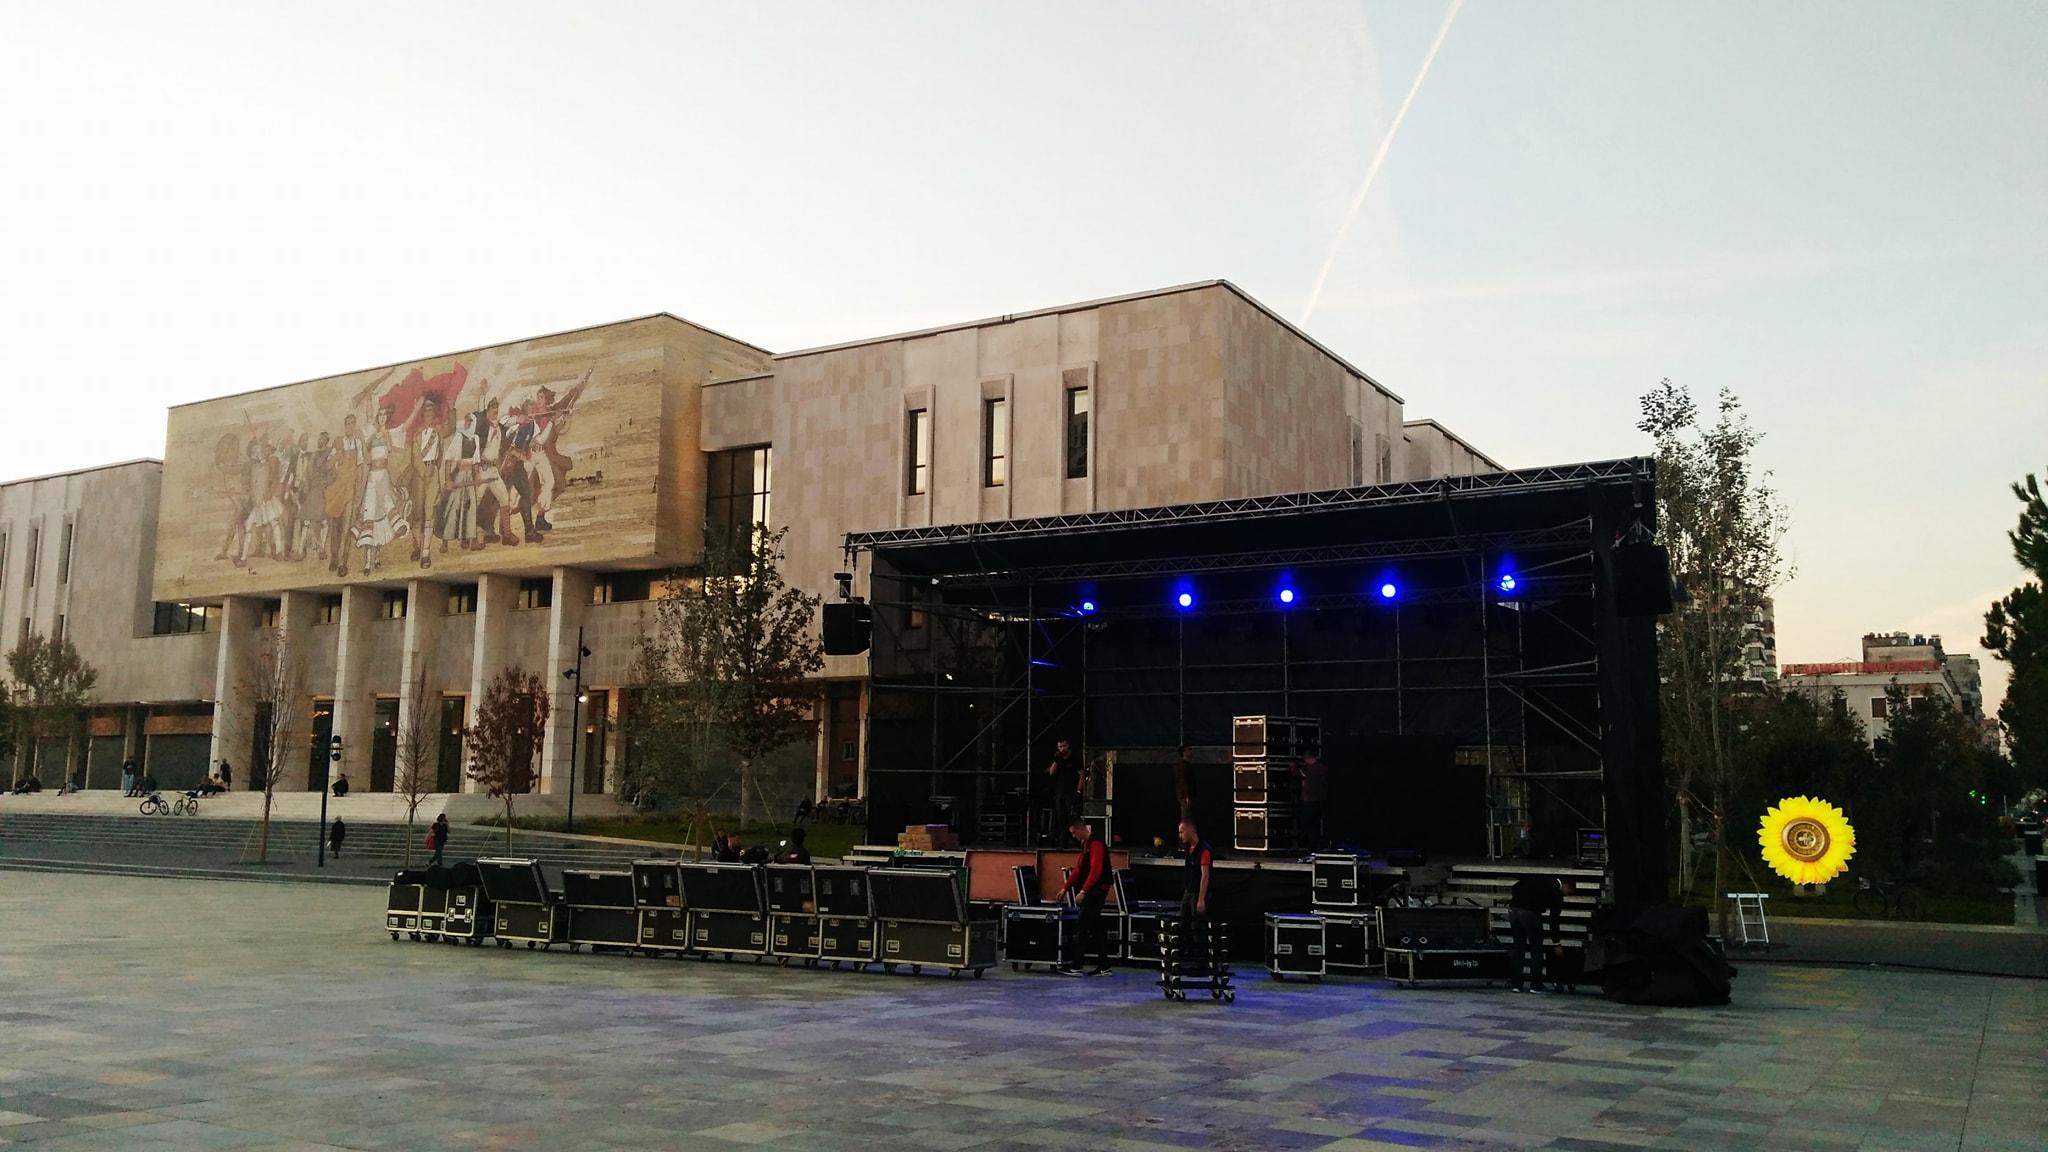 Vorbereitungen für das Vjosa Konzert in Tirana heute Abend © Cornelia Wieser